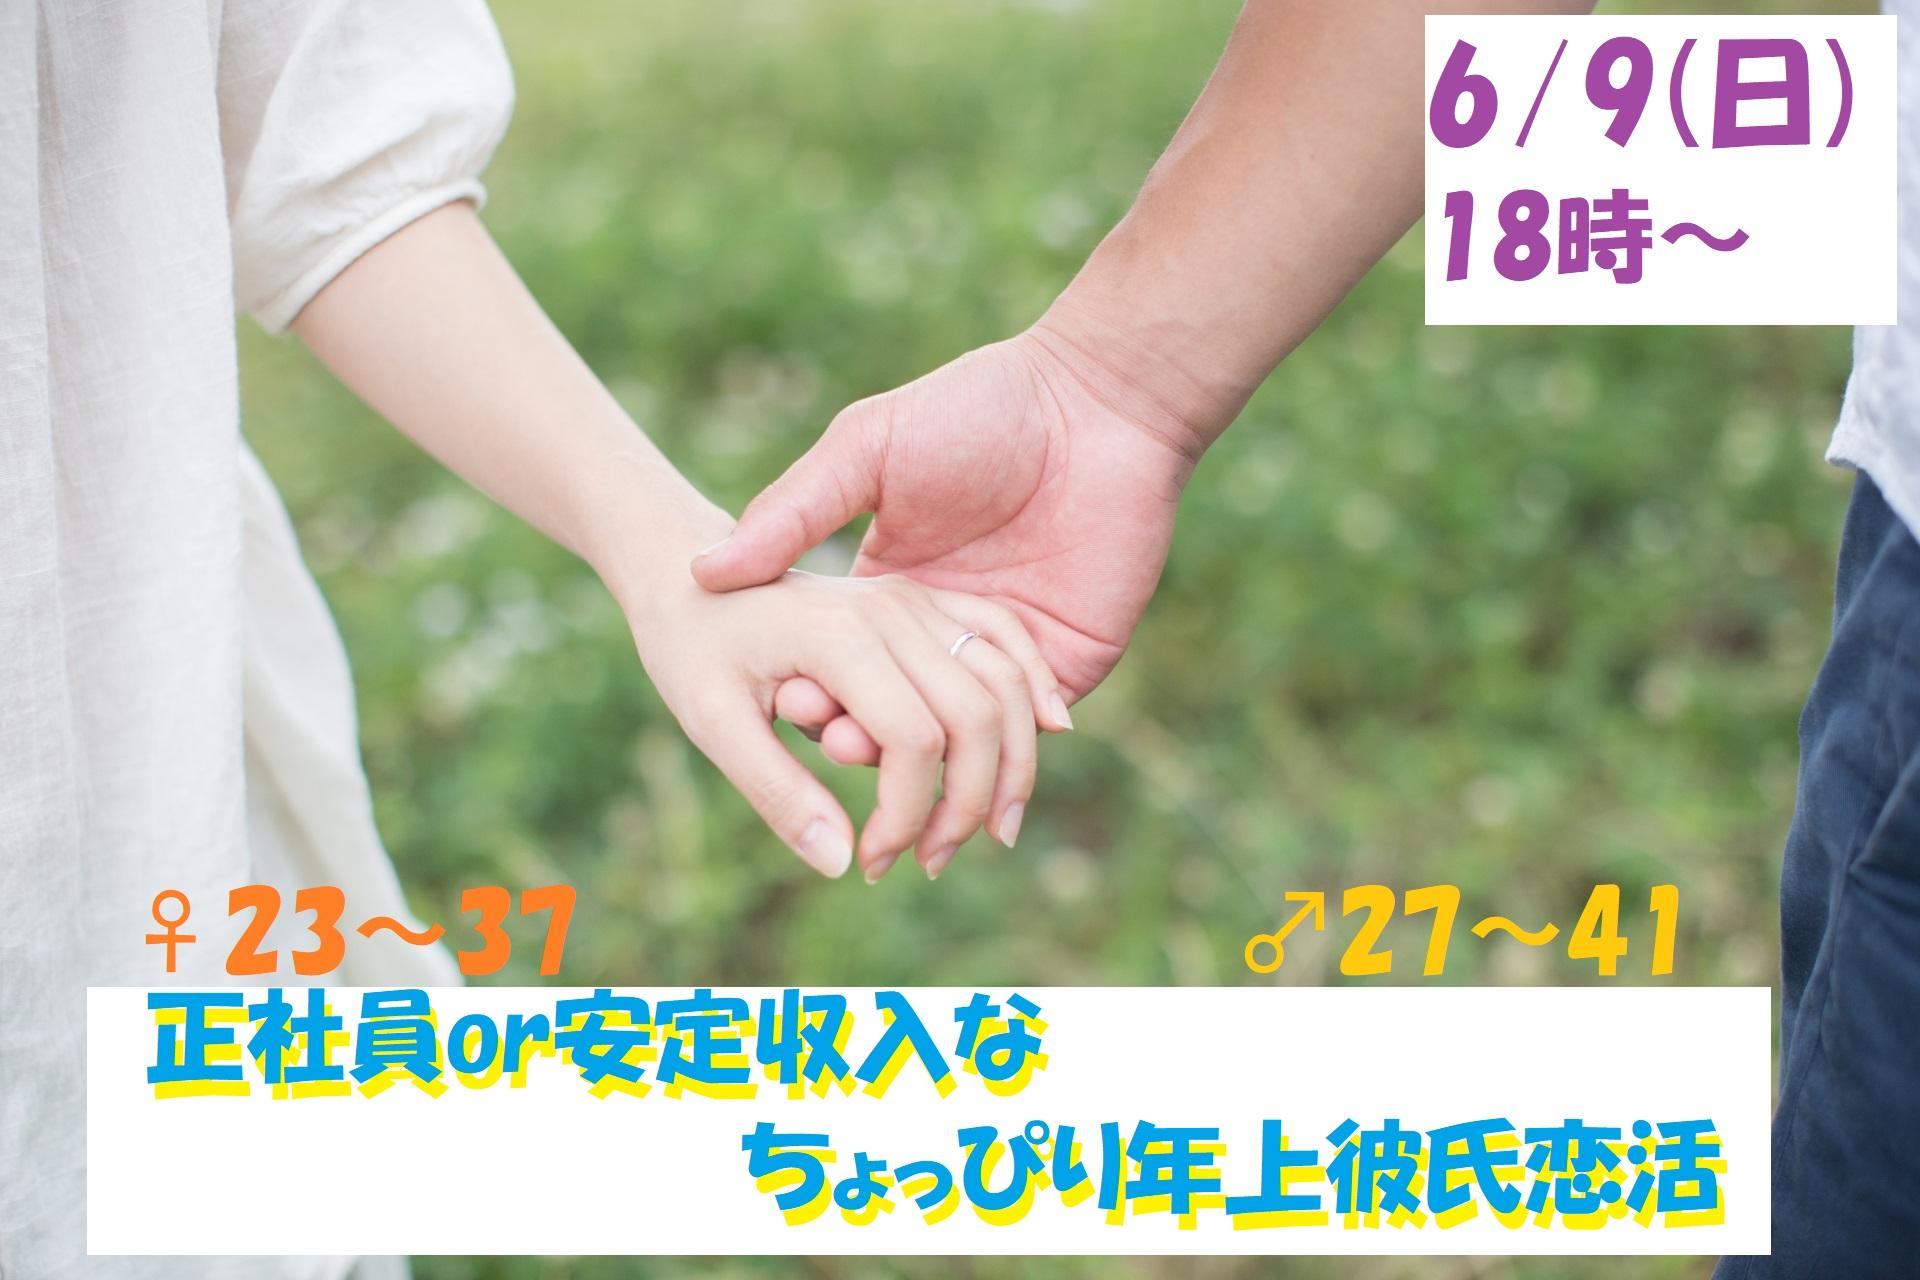 【終了】6月9日(日)18時~【男性27~41歳,女性23~37歳】正社員or安定収入なちょっぴり年上彼氏恋活